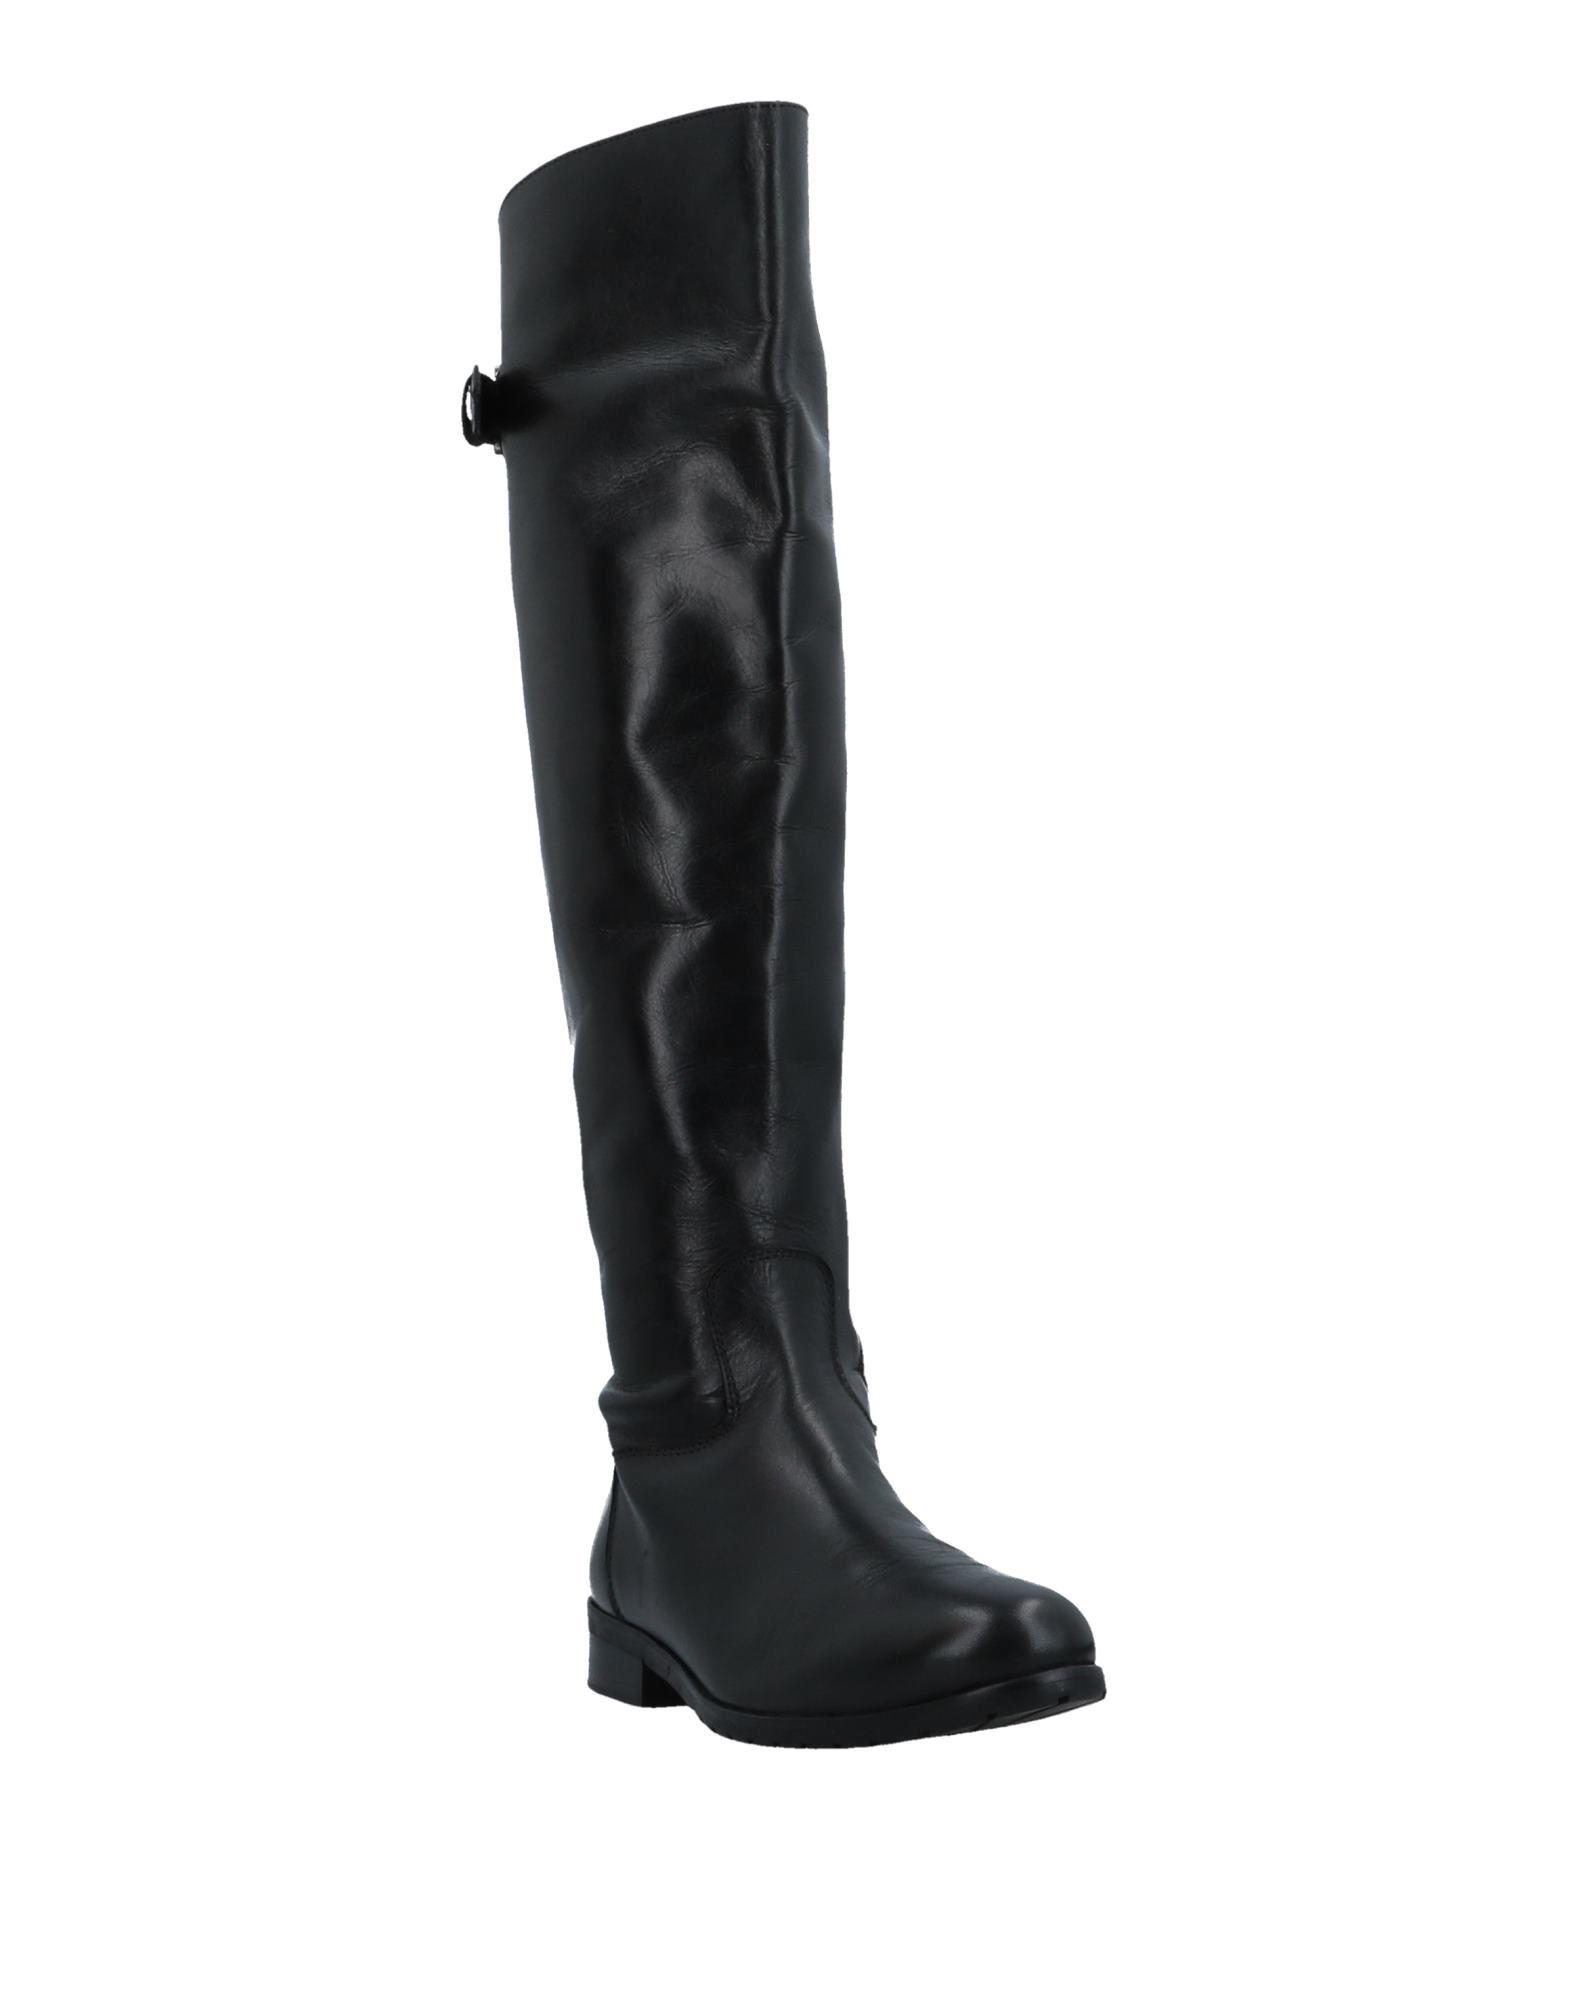 Stilvolle billige Schuhe Damen Carlo Pazolini Stiefel Damen Schuhe  11510400FU 9df23a